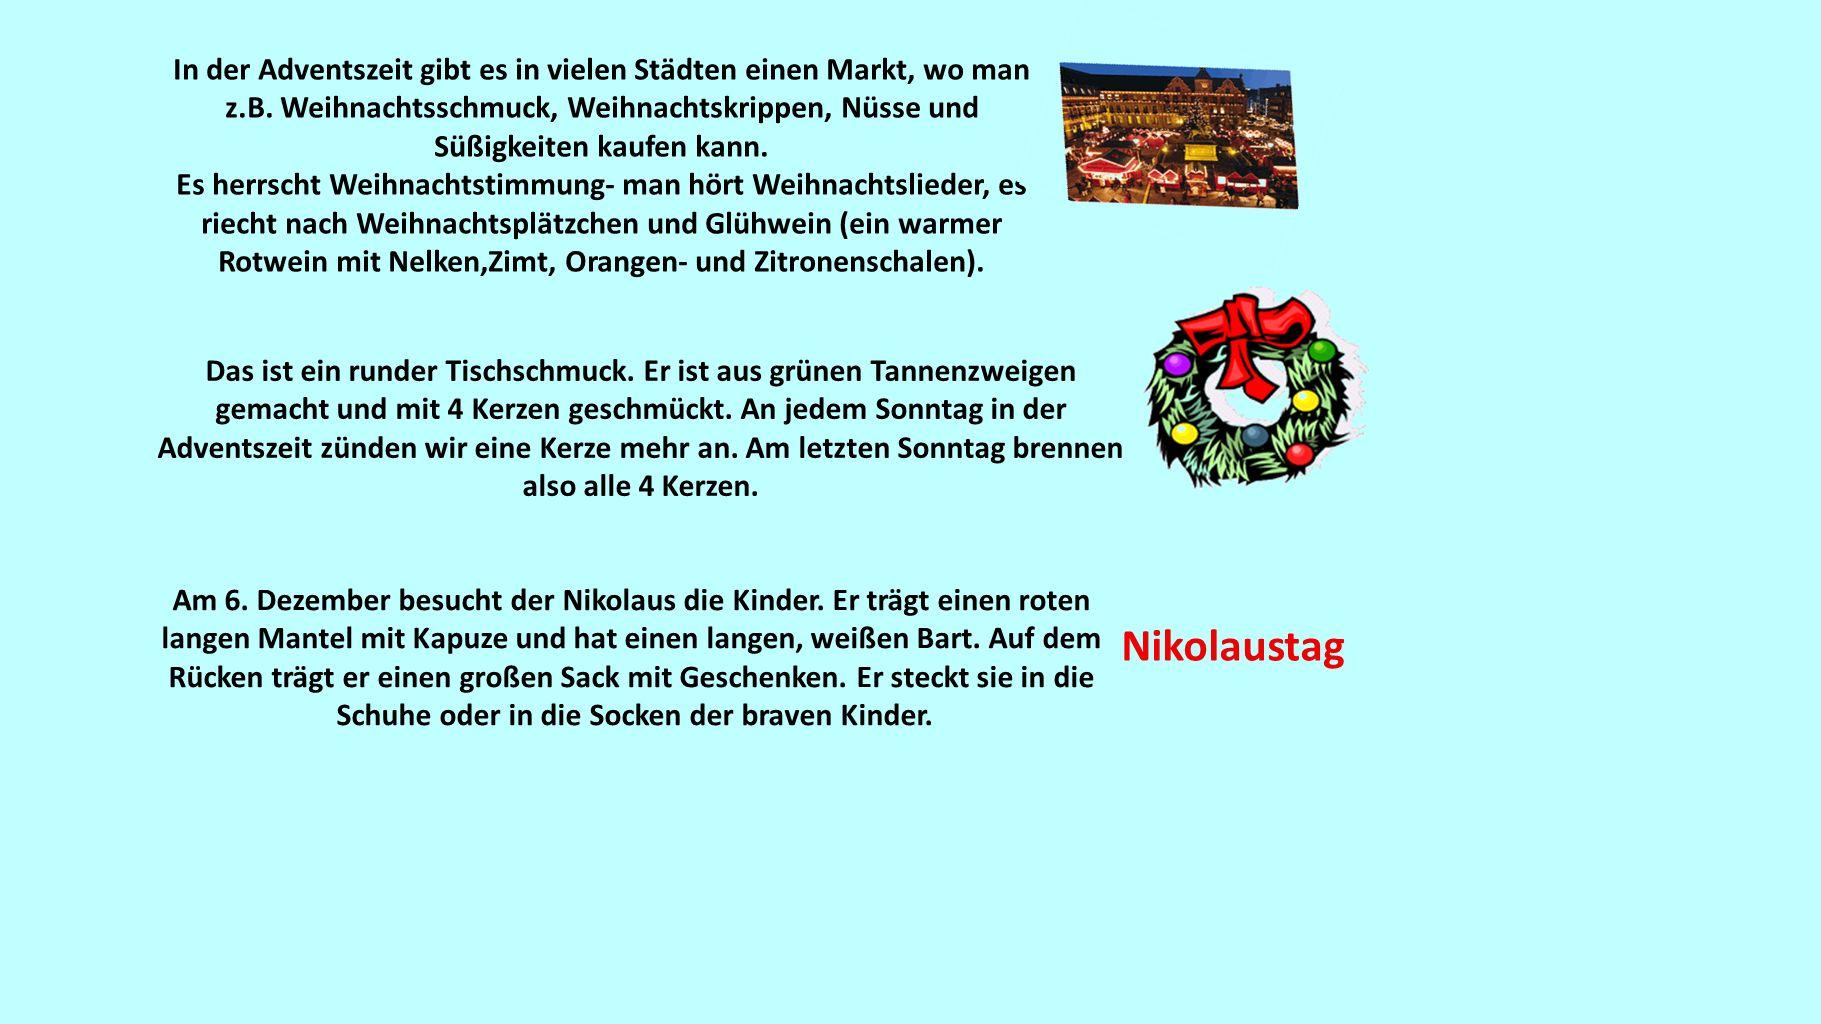 In der Adventszeit gibt es in vielen Städten einen Markt, wo man z.B. Weihnachtsschmuck, Weihnachtskrippen, Nüsse und Süßigkeiten kaufen kann. Es herr